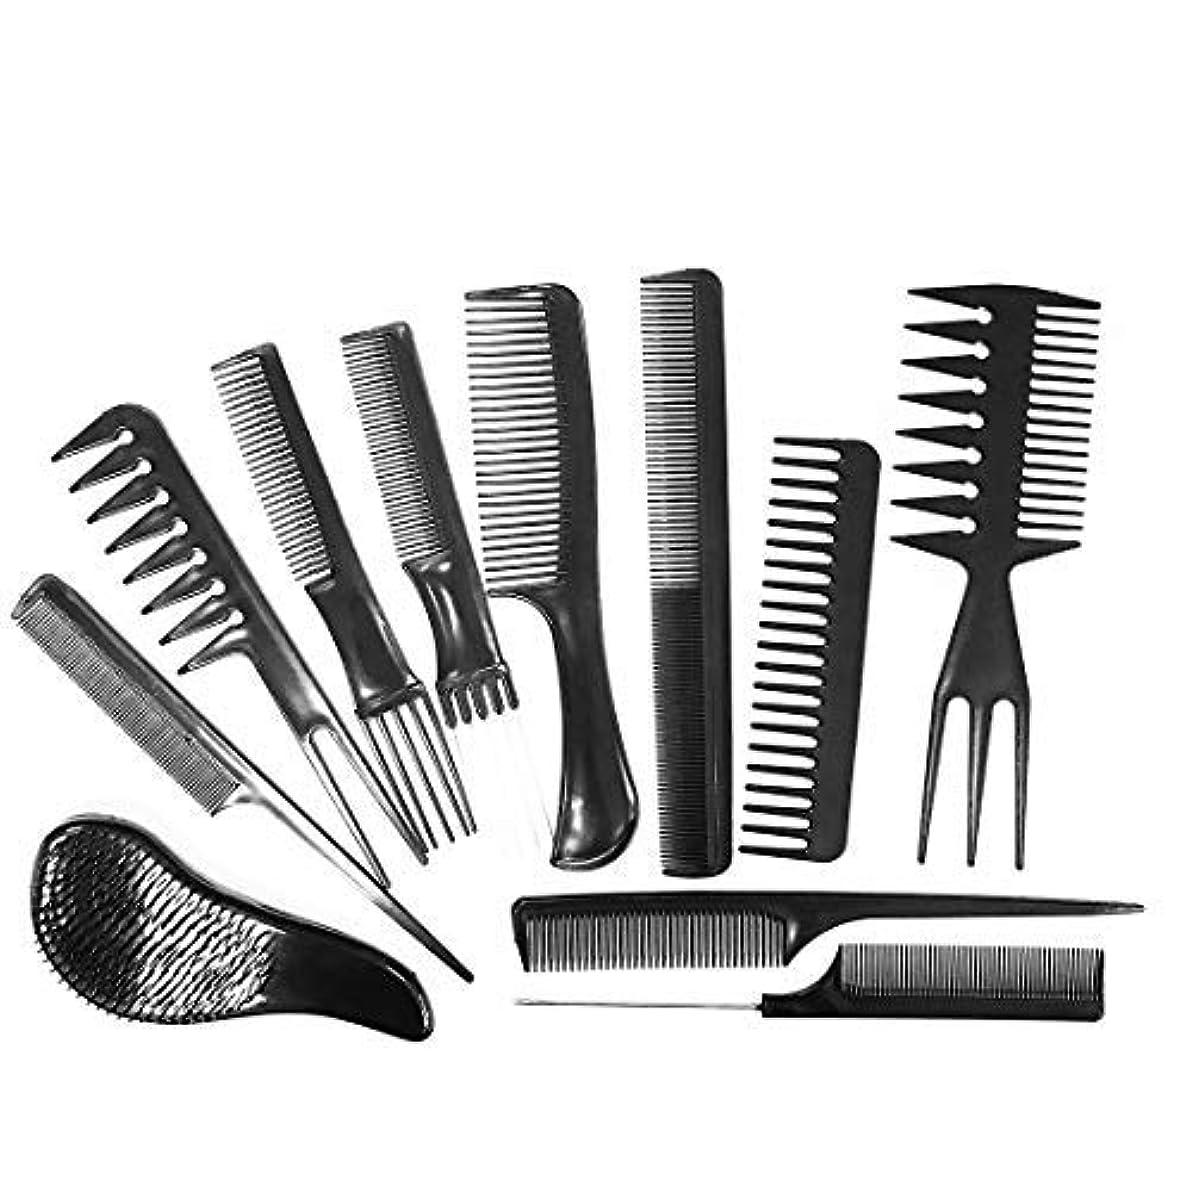 グレー一時停止マルコポーロDaimay Professional Hair Styling Comb Set Hair Styling Clips Salon Hair Styling Barbers Comb Set Variety Pack of 11 for All Hair Types - Black [並行輸入品]